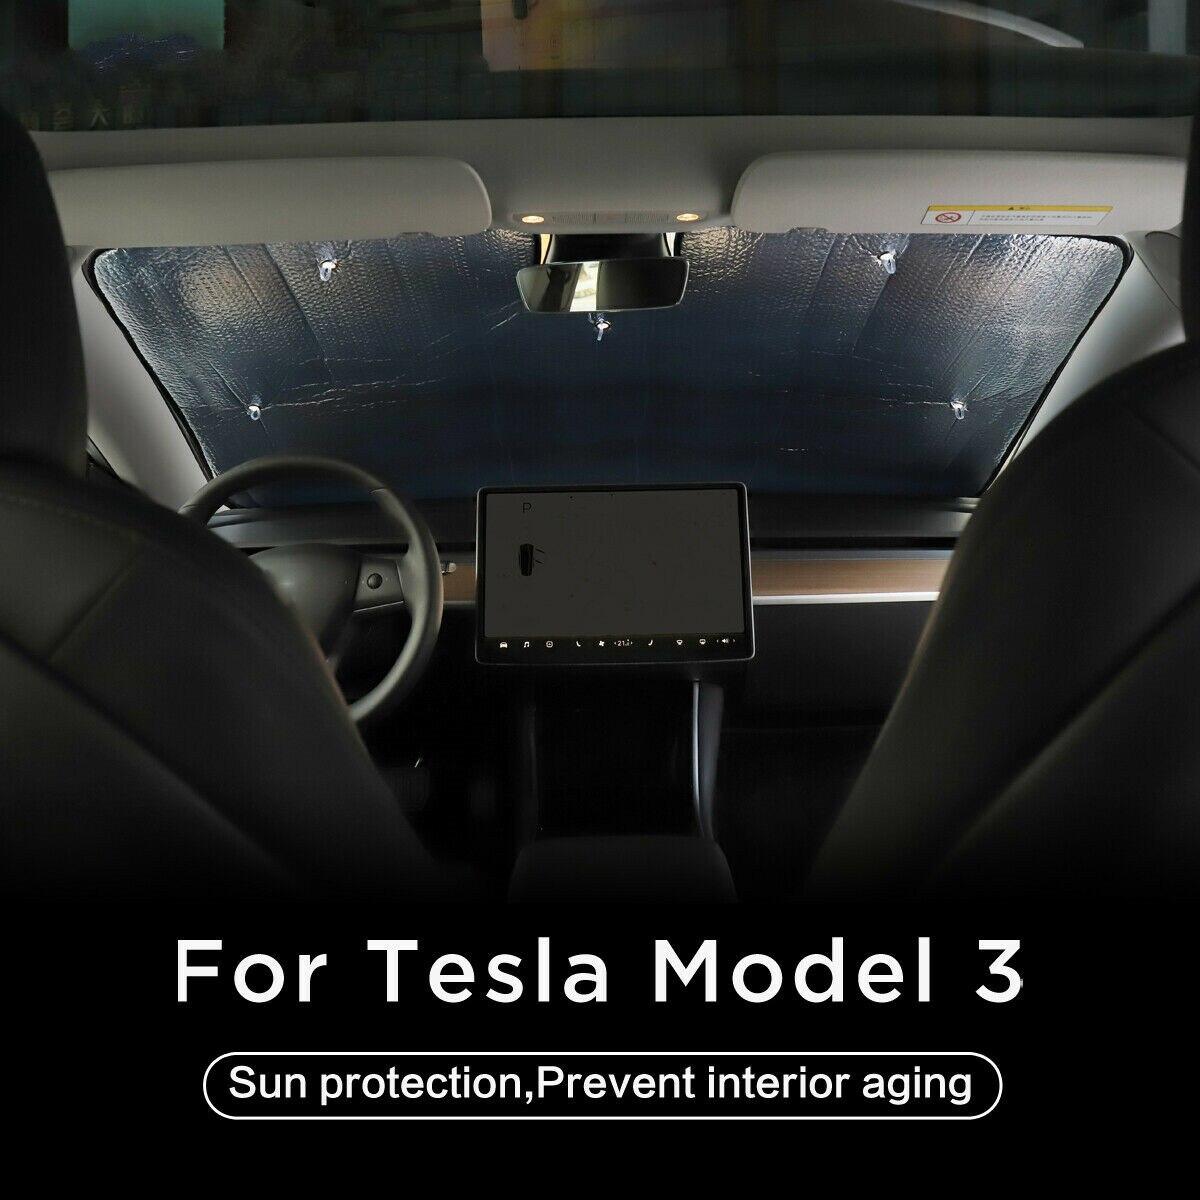 Yeni ön cam güneş gölge güneşlik araba çatı penceresi gölgelik file ön cam Tesla Model 3